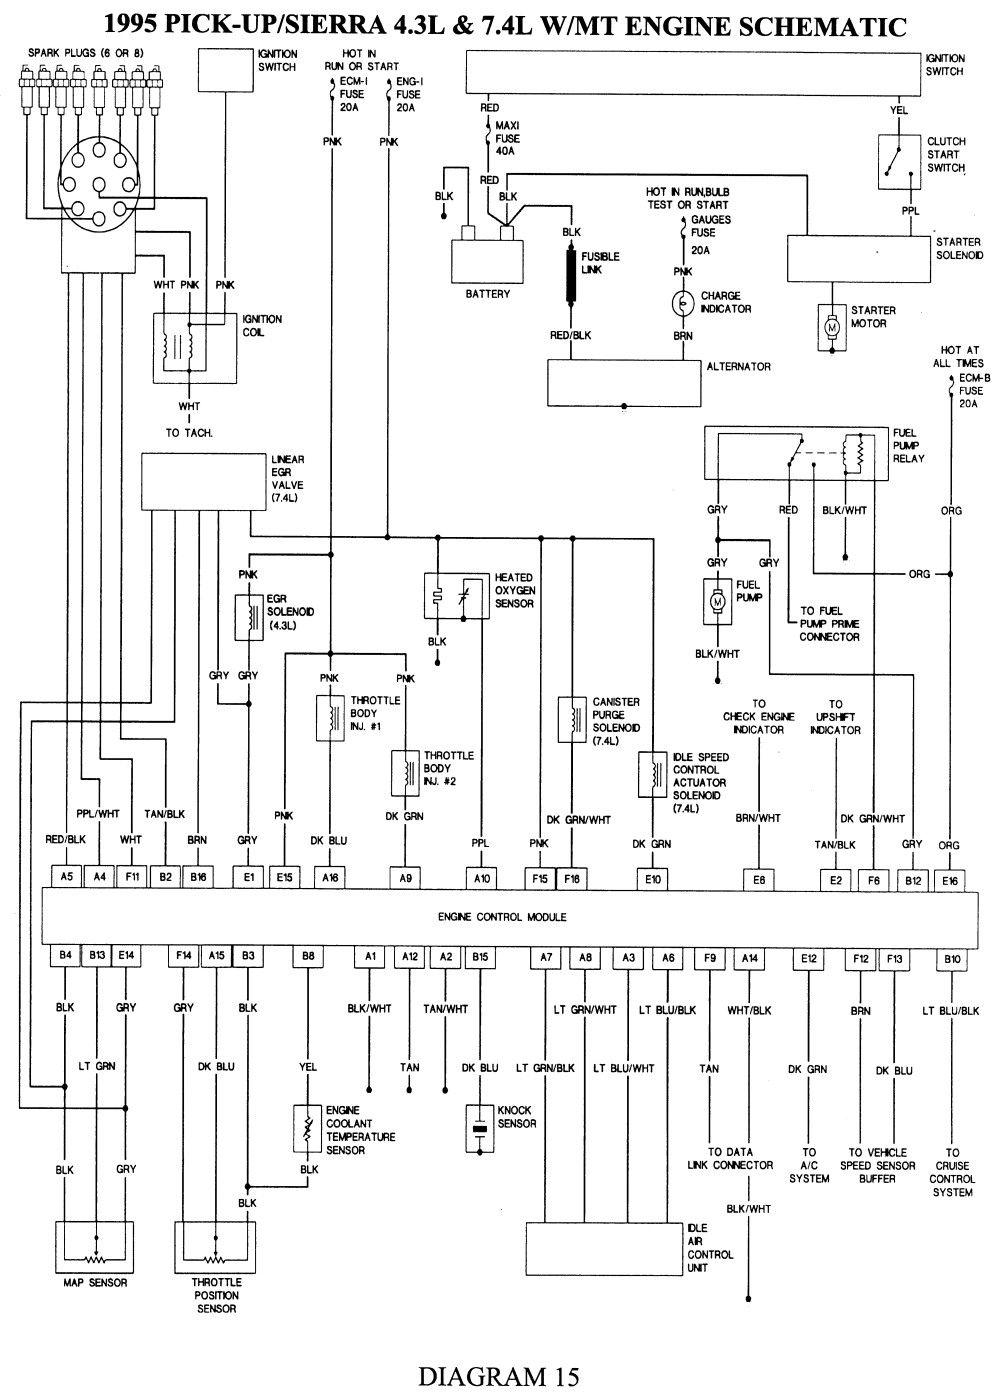 Ignition Mercruiser 4.3 Wiring Diagram Database